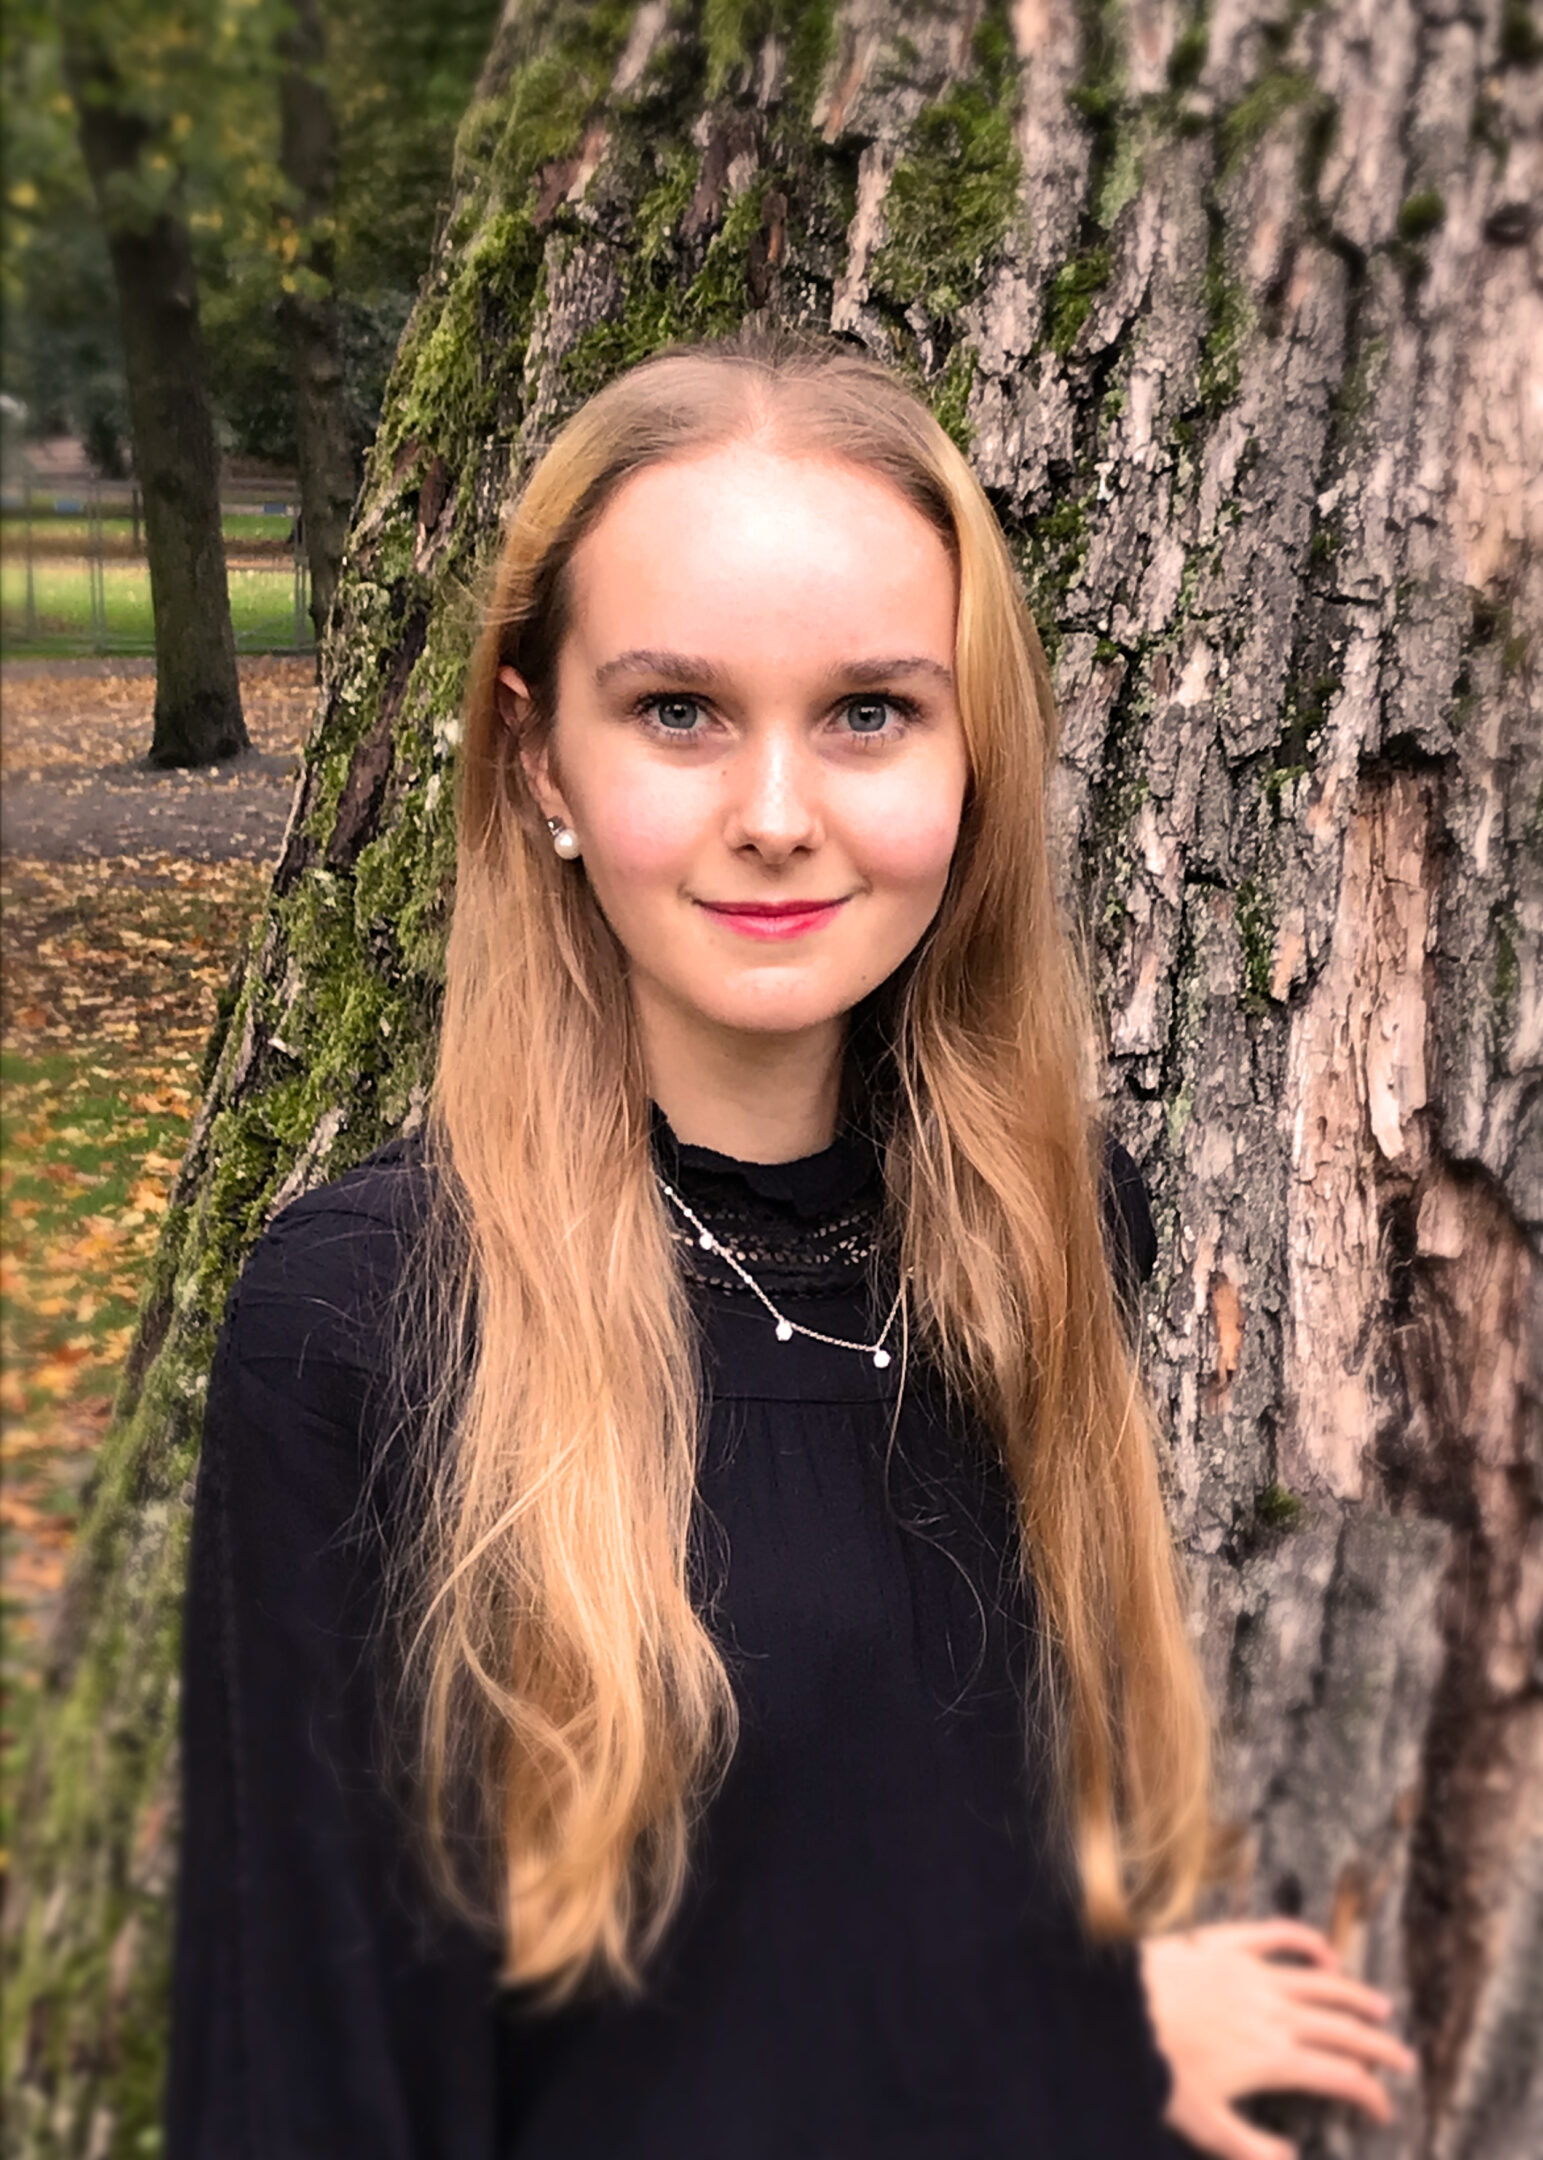 Roseanna Lagercrantz